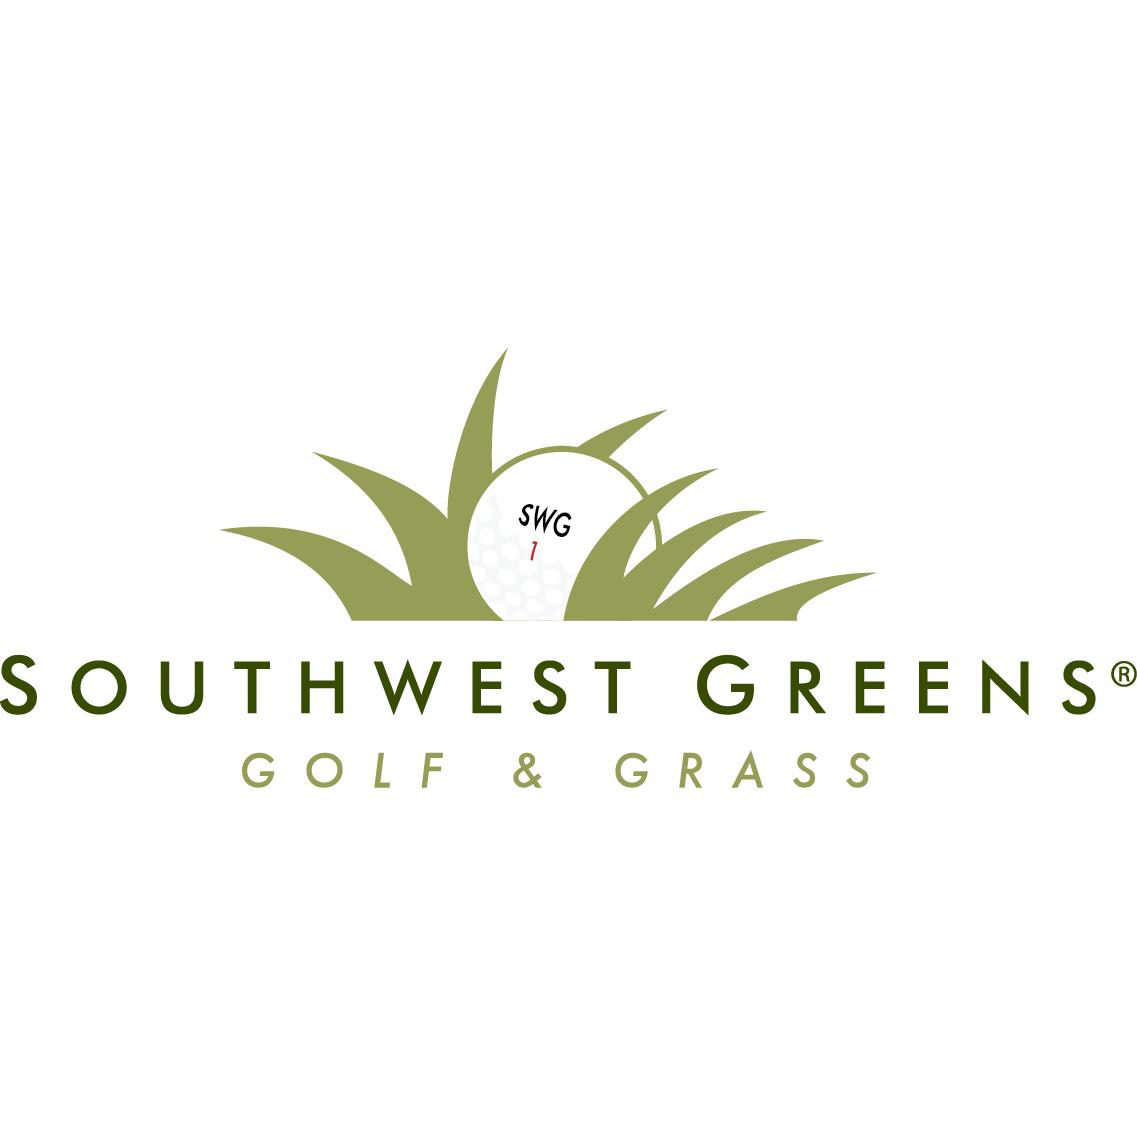 Southwest Greens Florida image 7